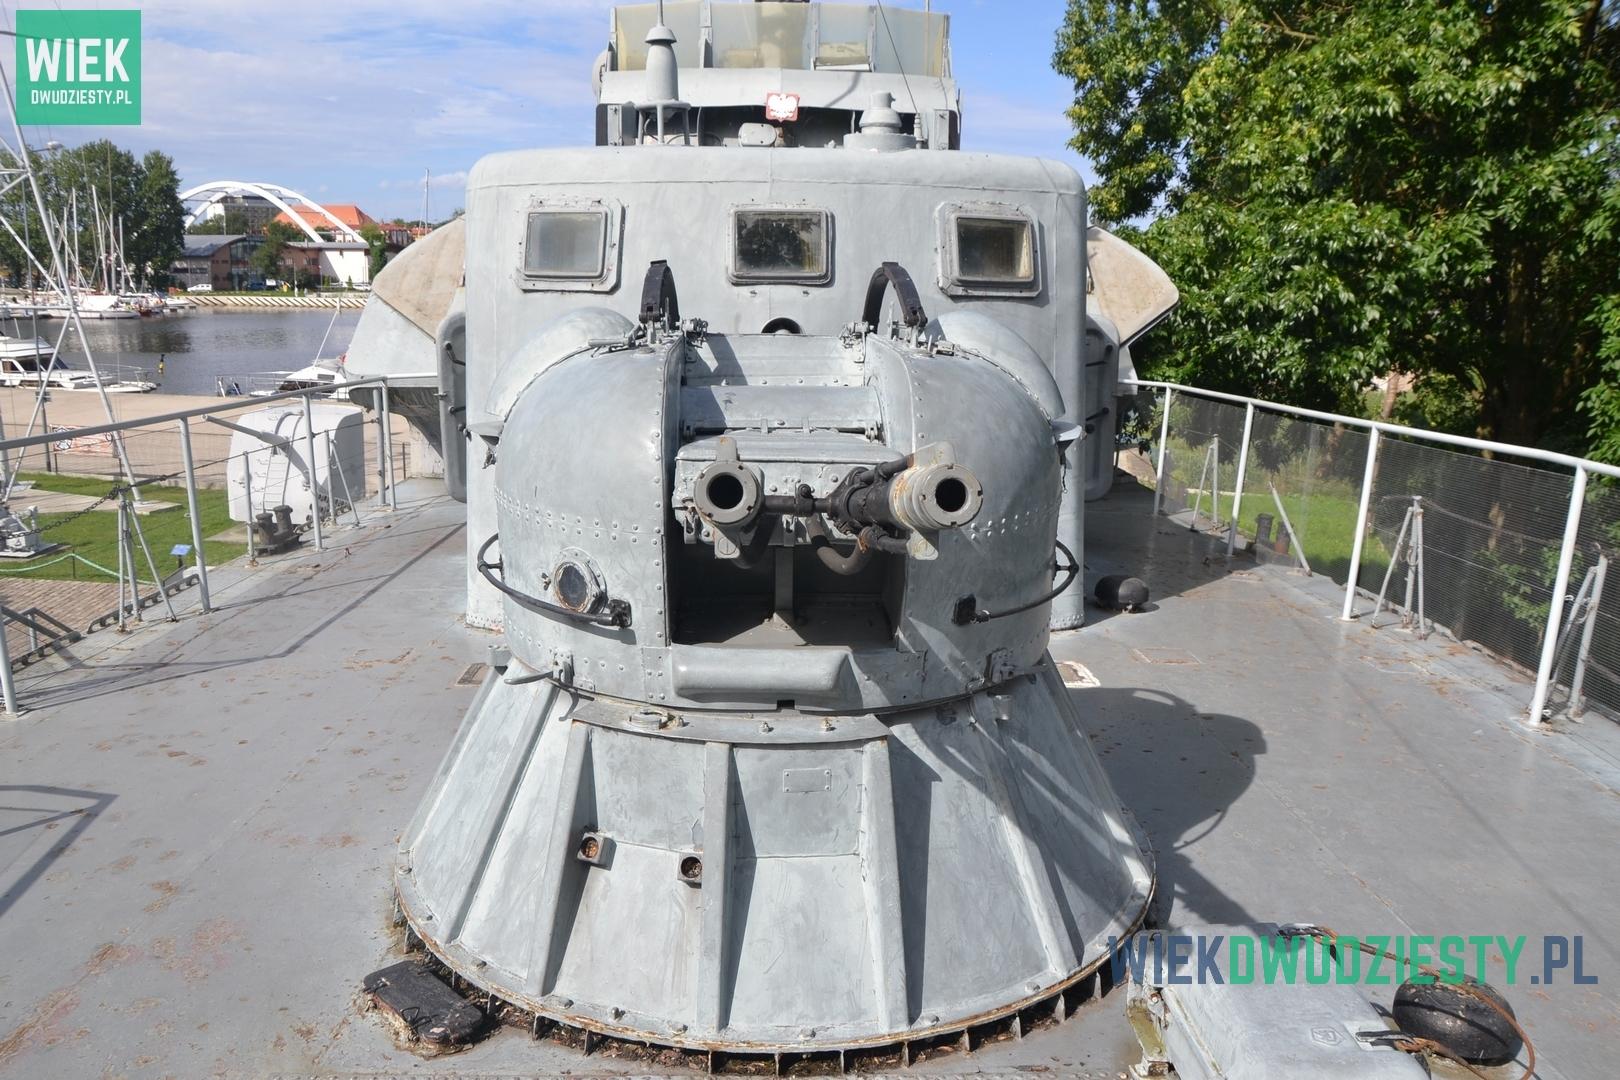 Dziobowy zestaw artyleryski AK-230 na ORP Władysławowo, kutrze rakietowym proj. 205. Fot. M. Szafran, odwaszegofotokorespondenta.blogspot.com